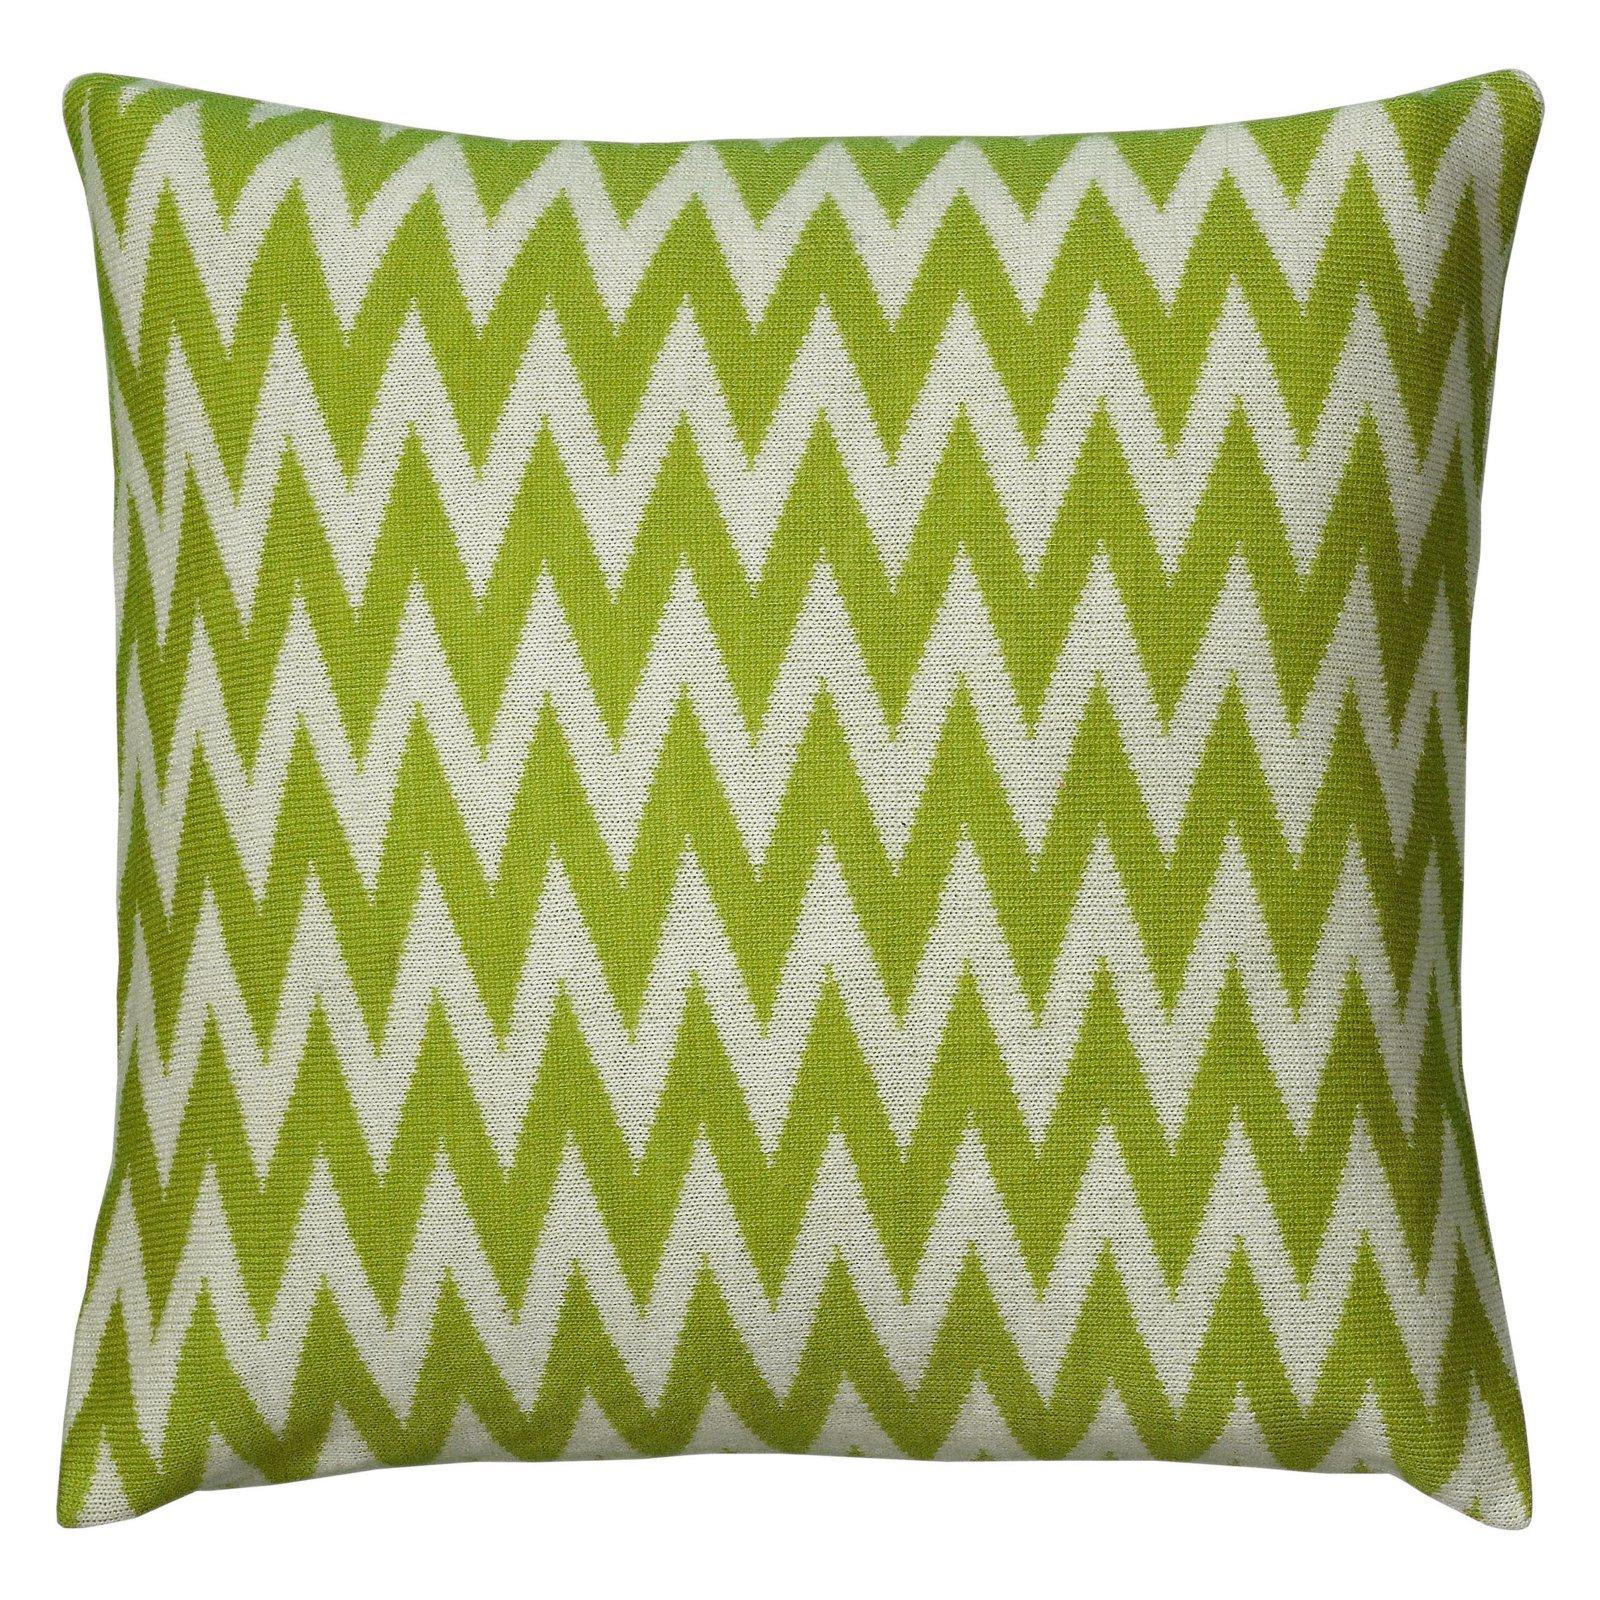 Wildon Home  Dahlye  Pillow Cover